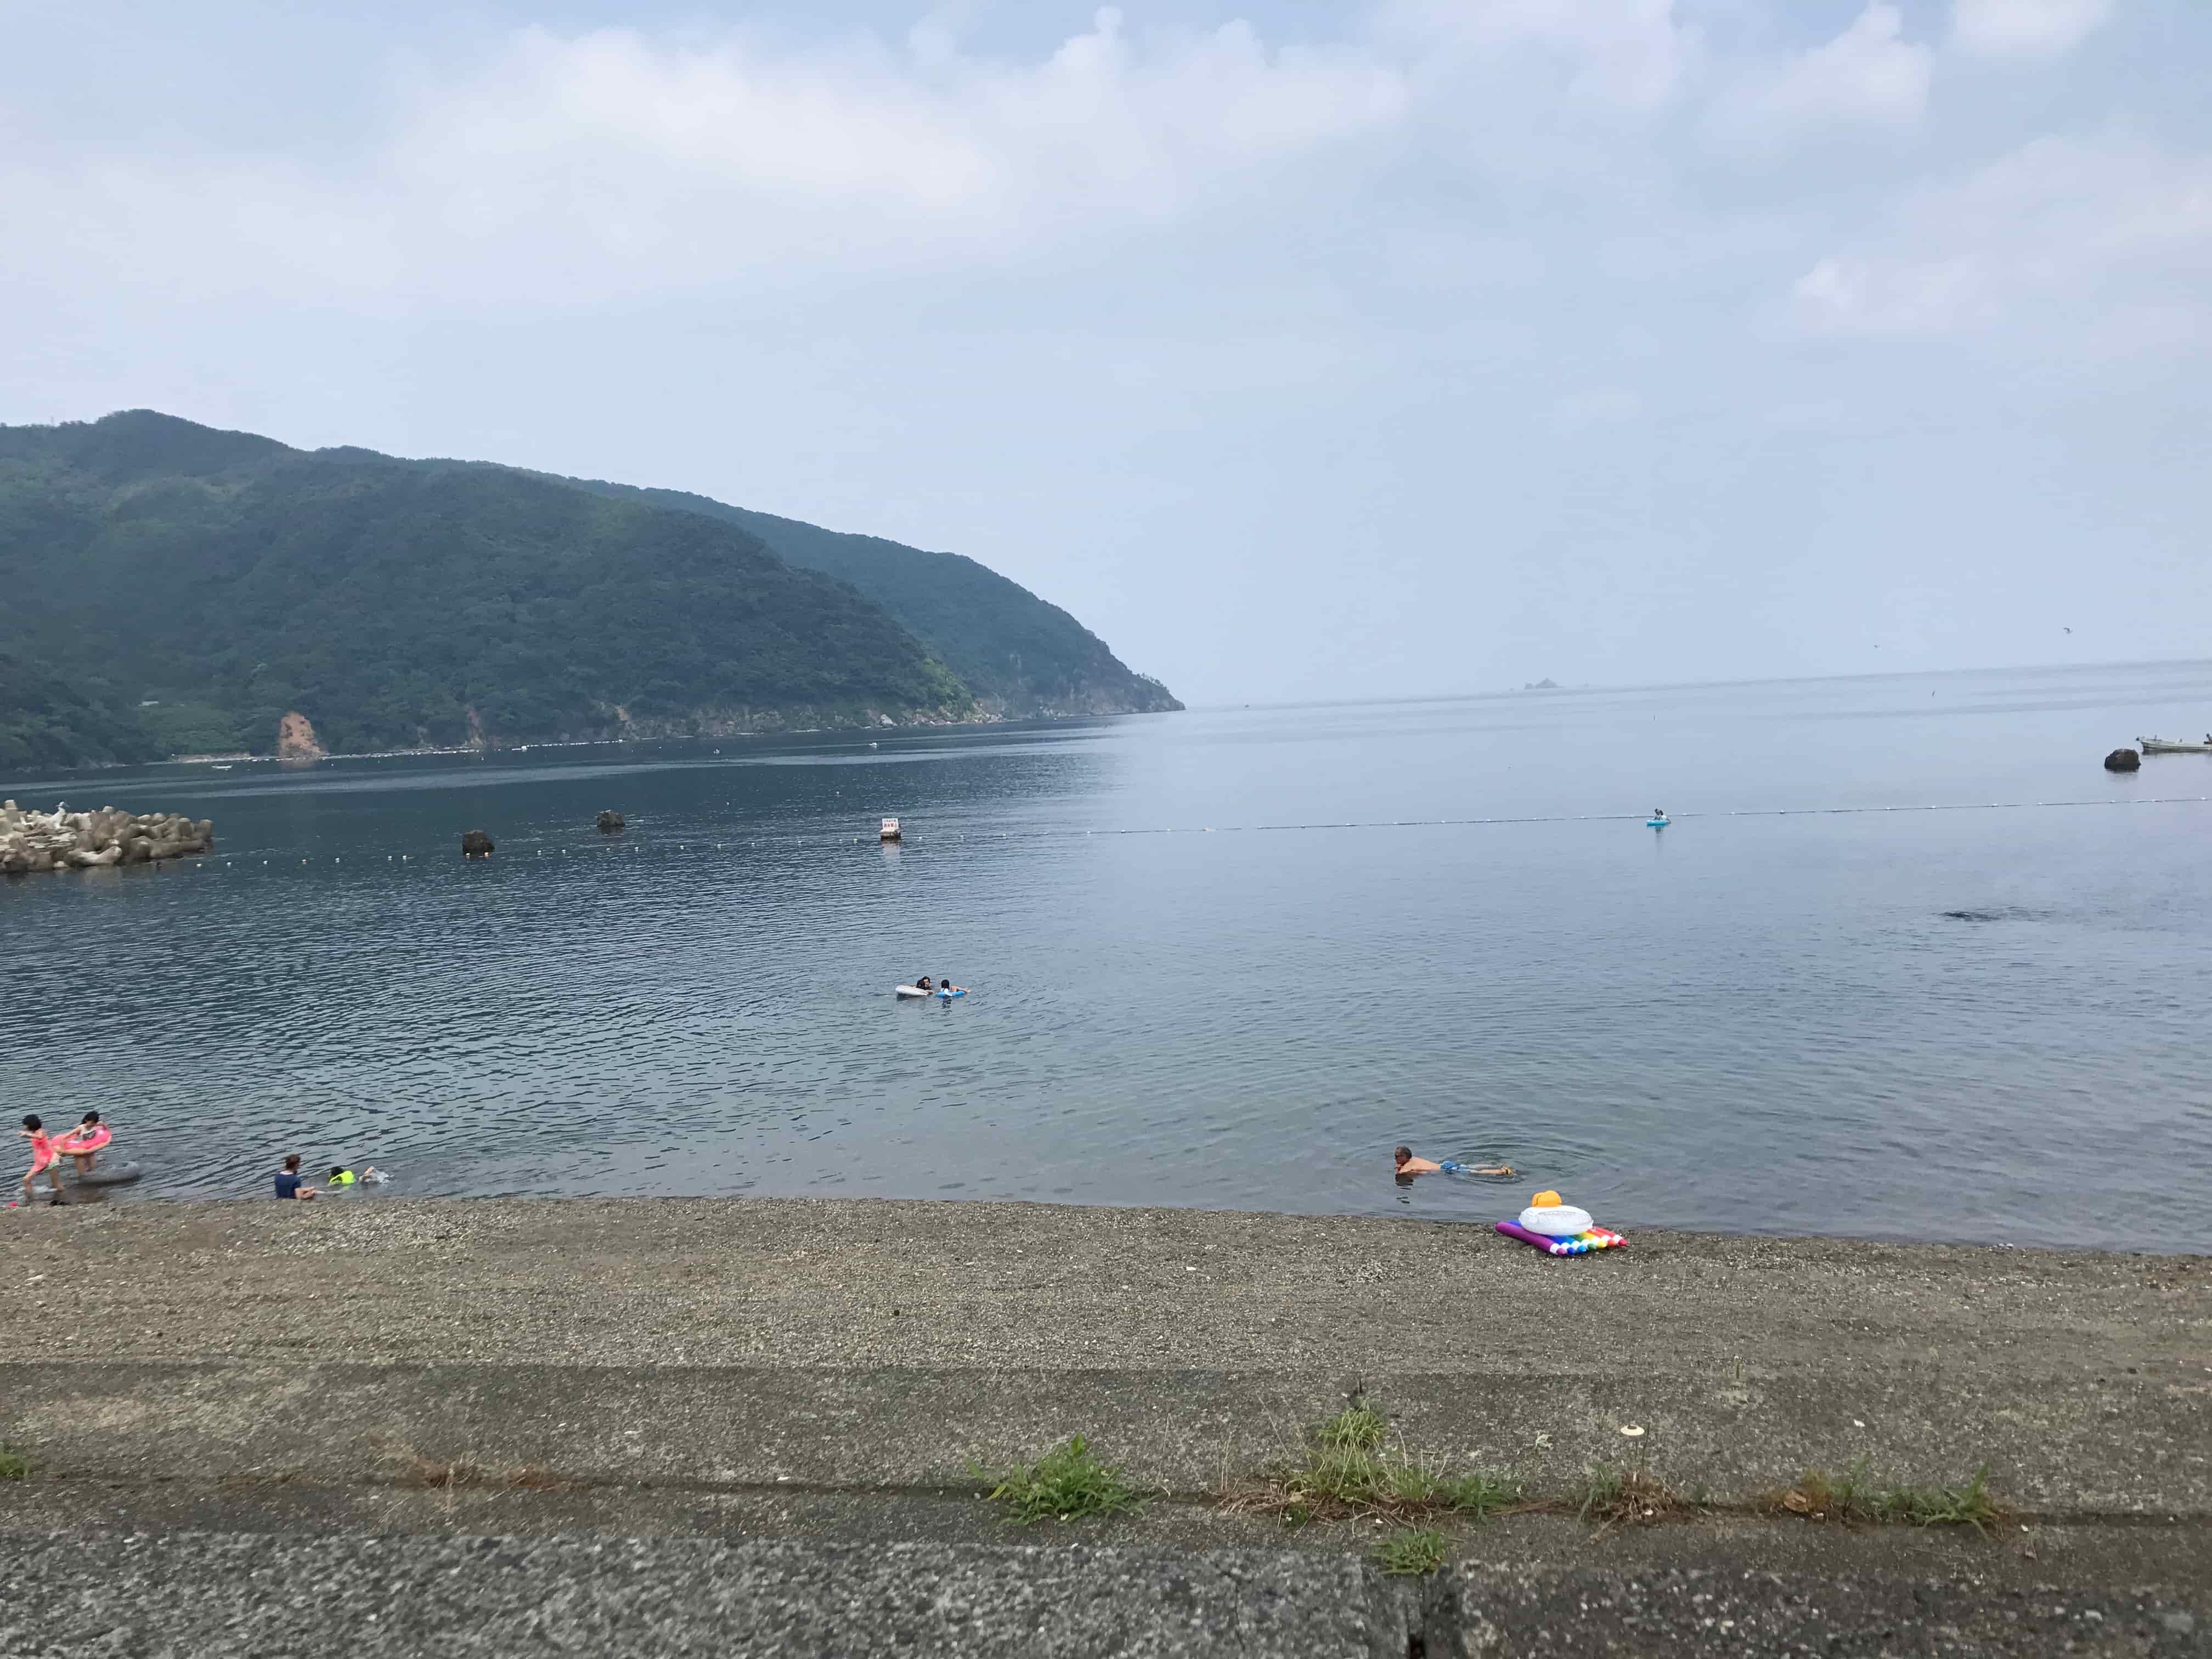 釣行記というか福井の海水浴場でバーベキュー連休でも穴場で空いてましたよ報告